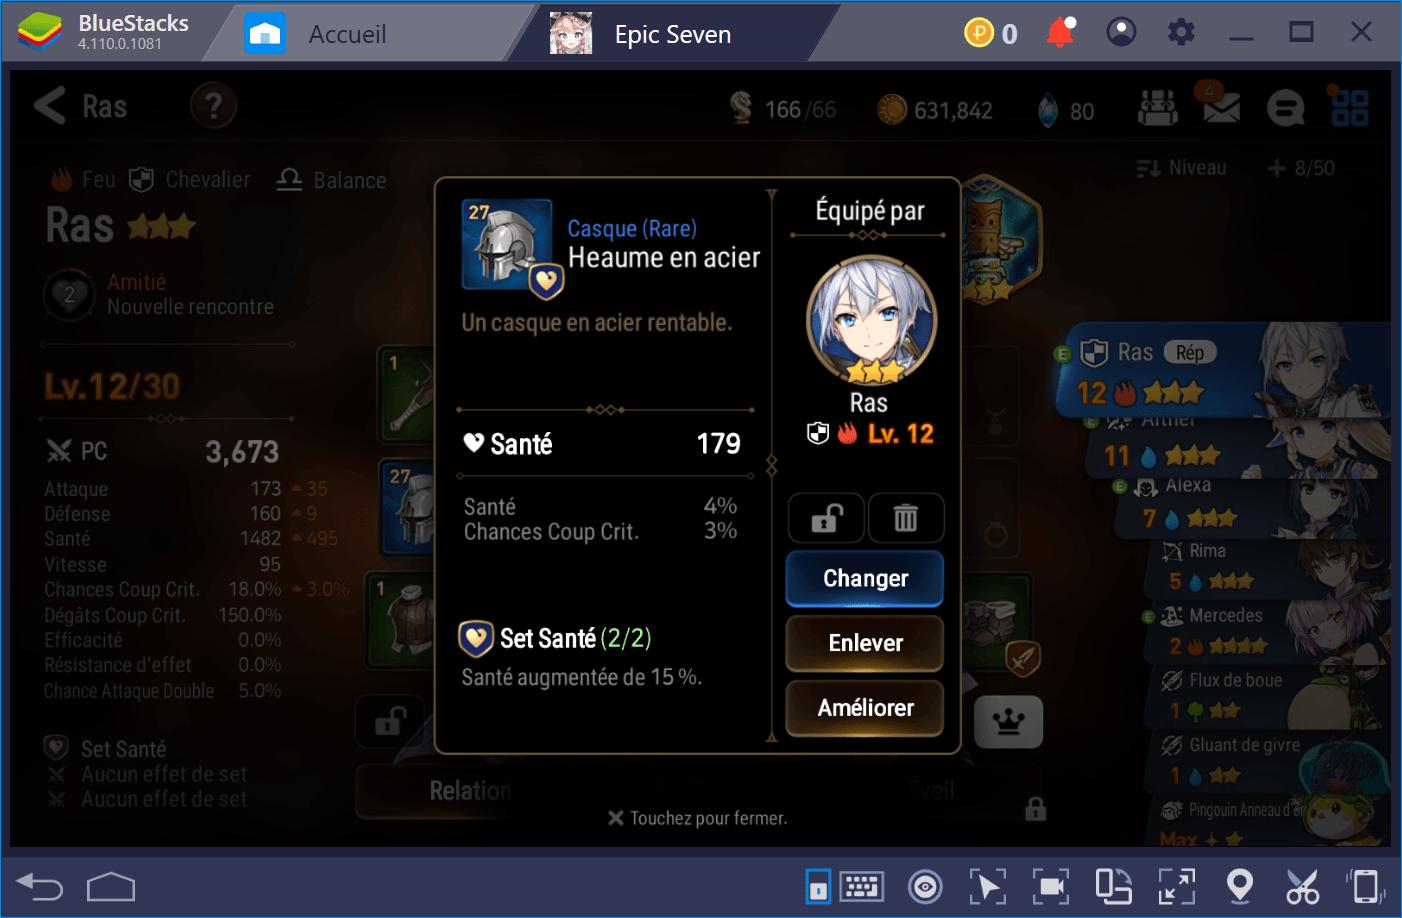 Epic Seven trouver et équiper les meilleurs objets pour vos héros